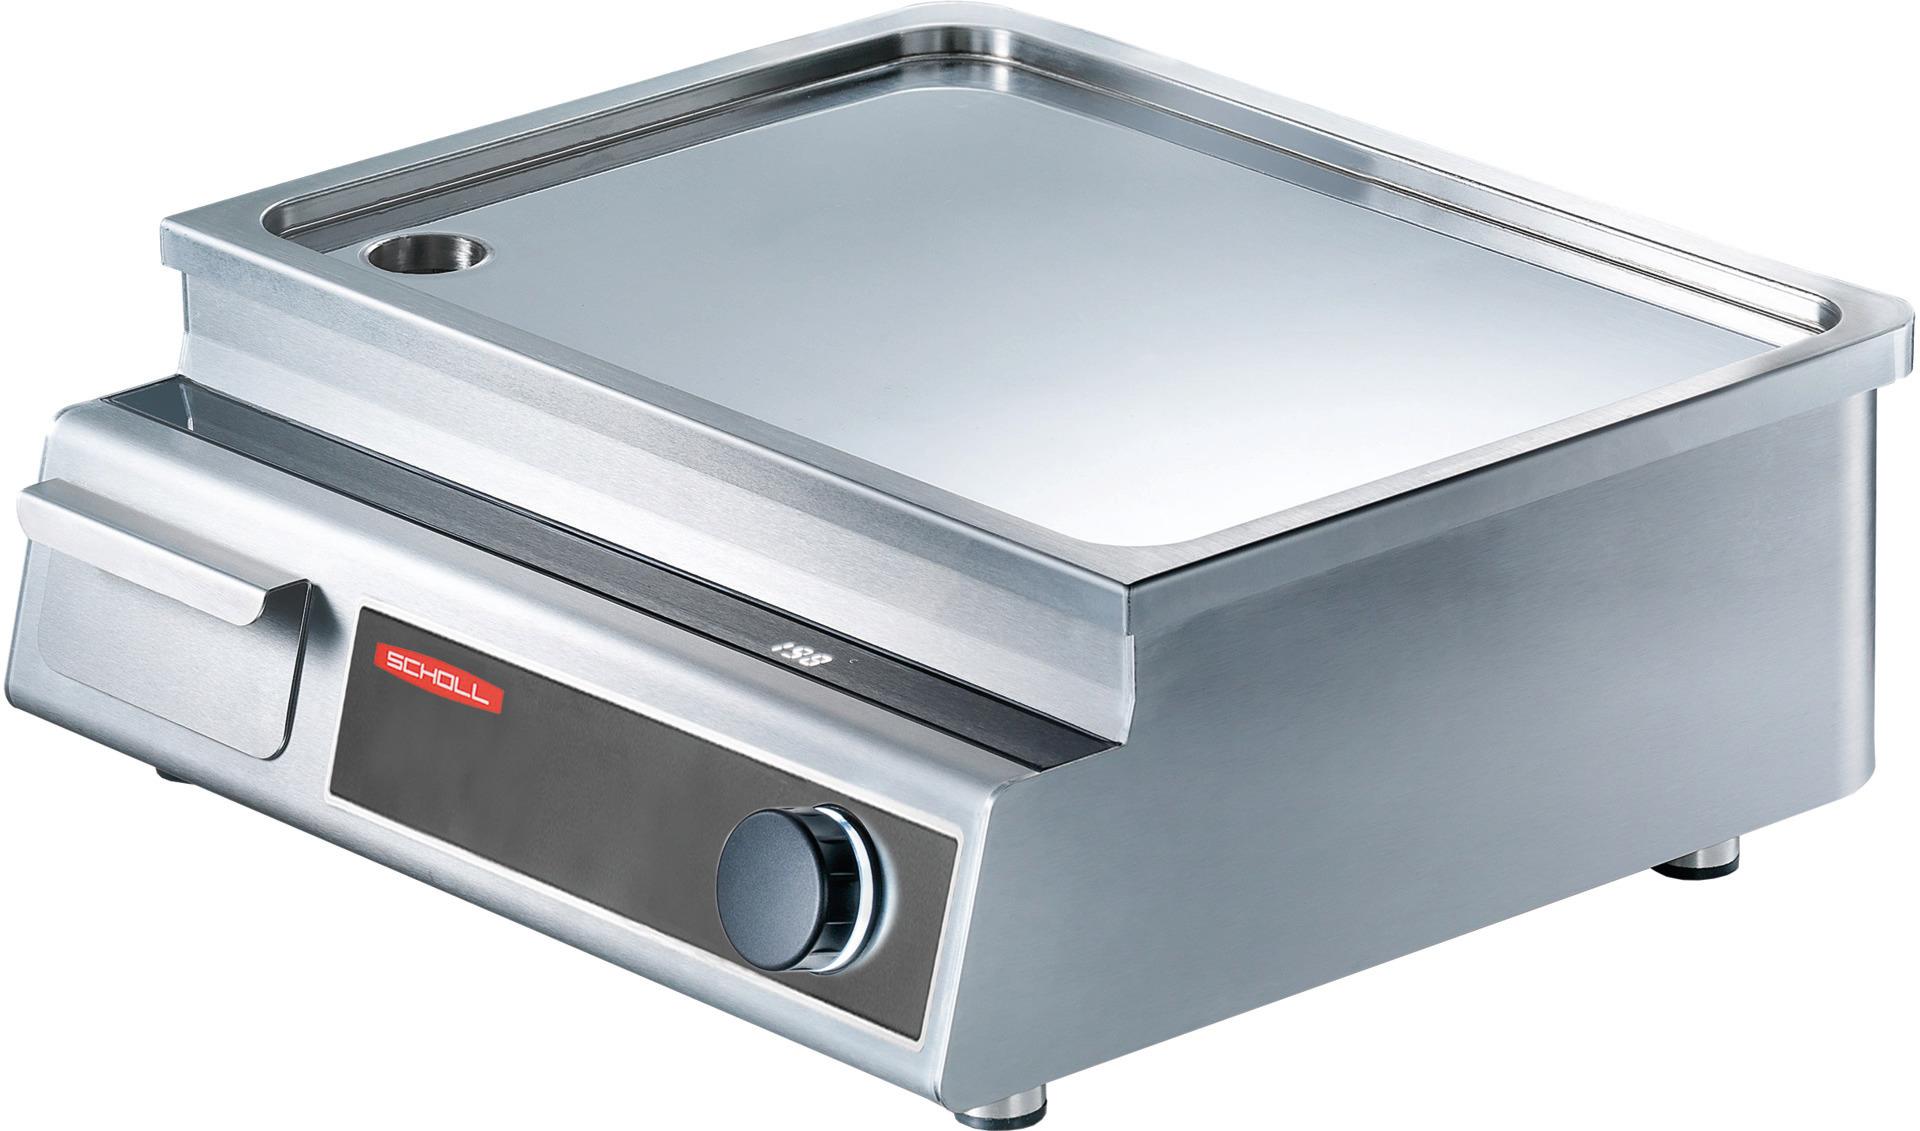 Induktions-Griddleplatte glatt / 1 Heizzone / 5,00 kW / 531 x 493 x 356mm